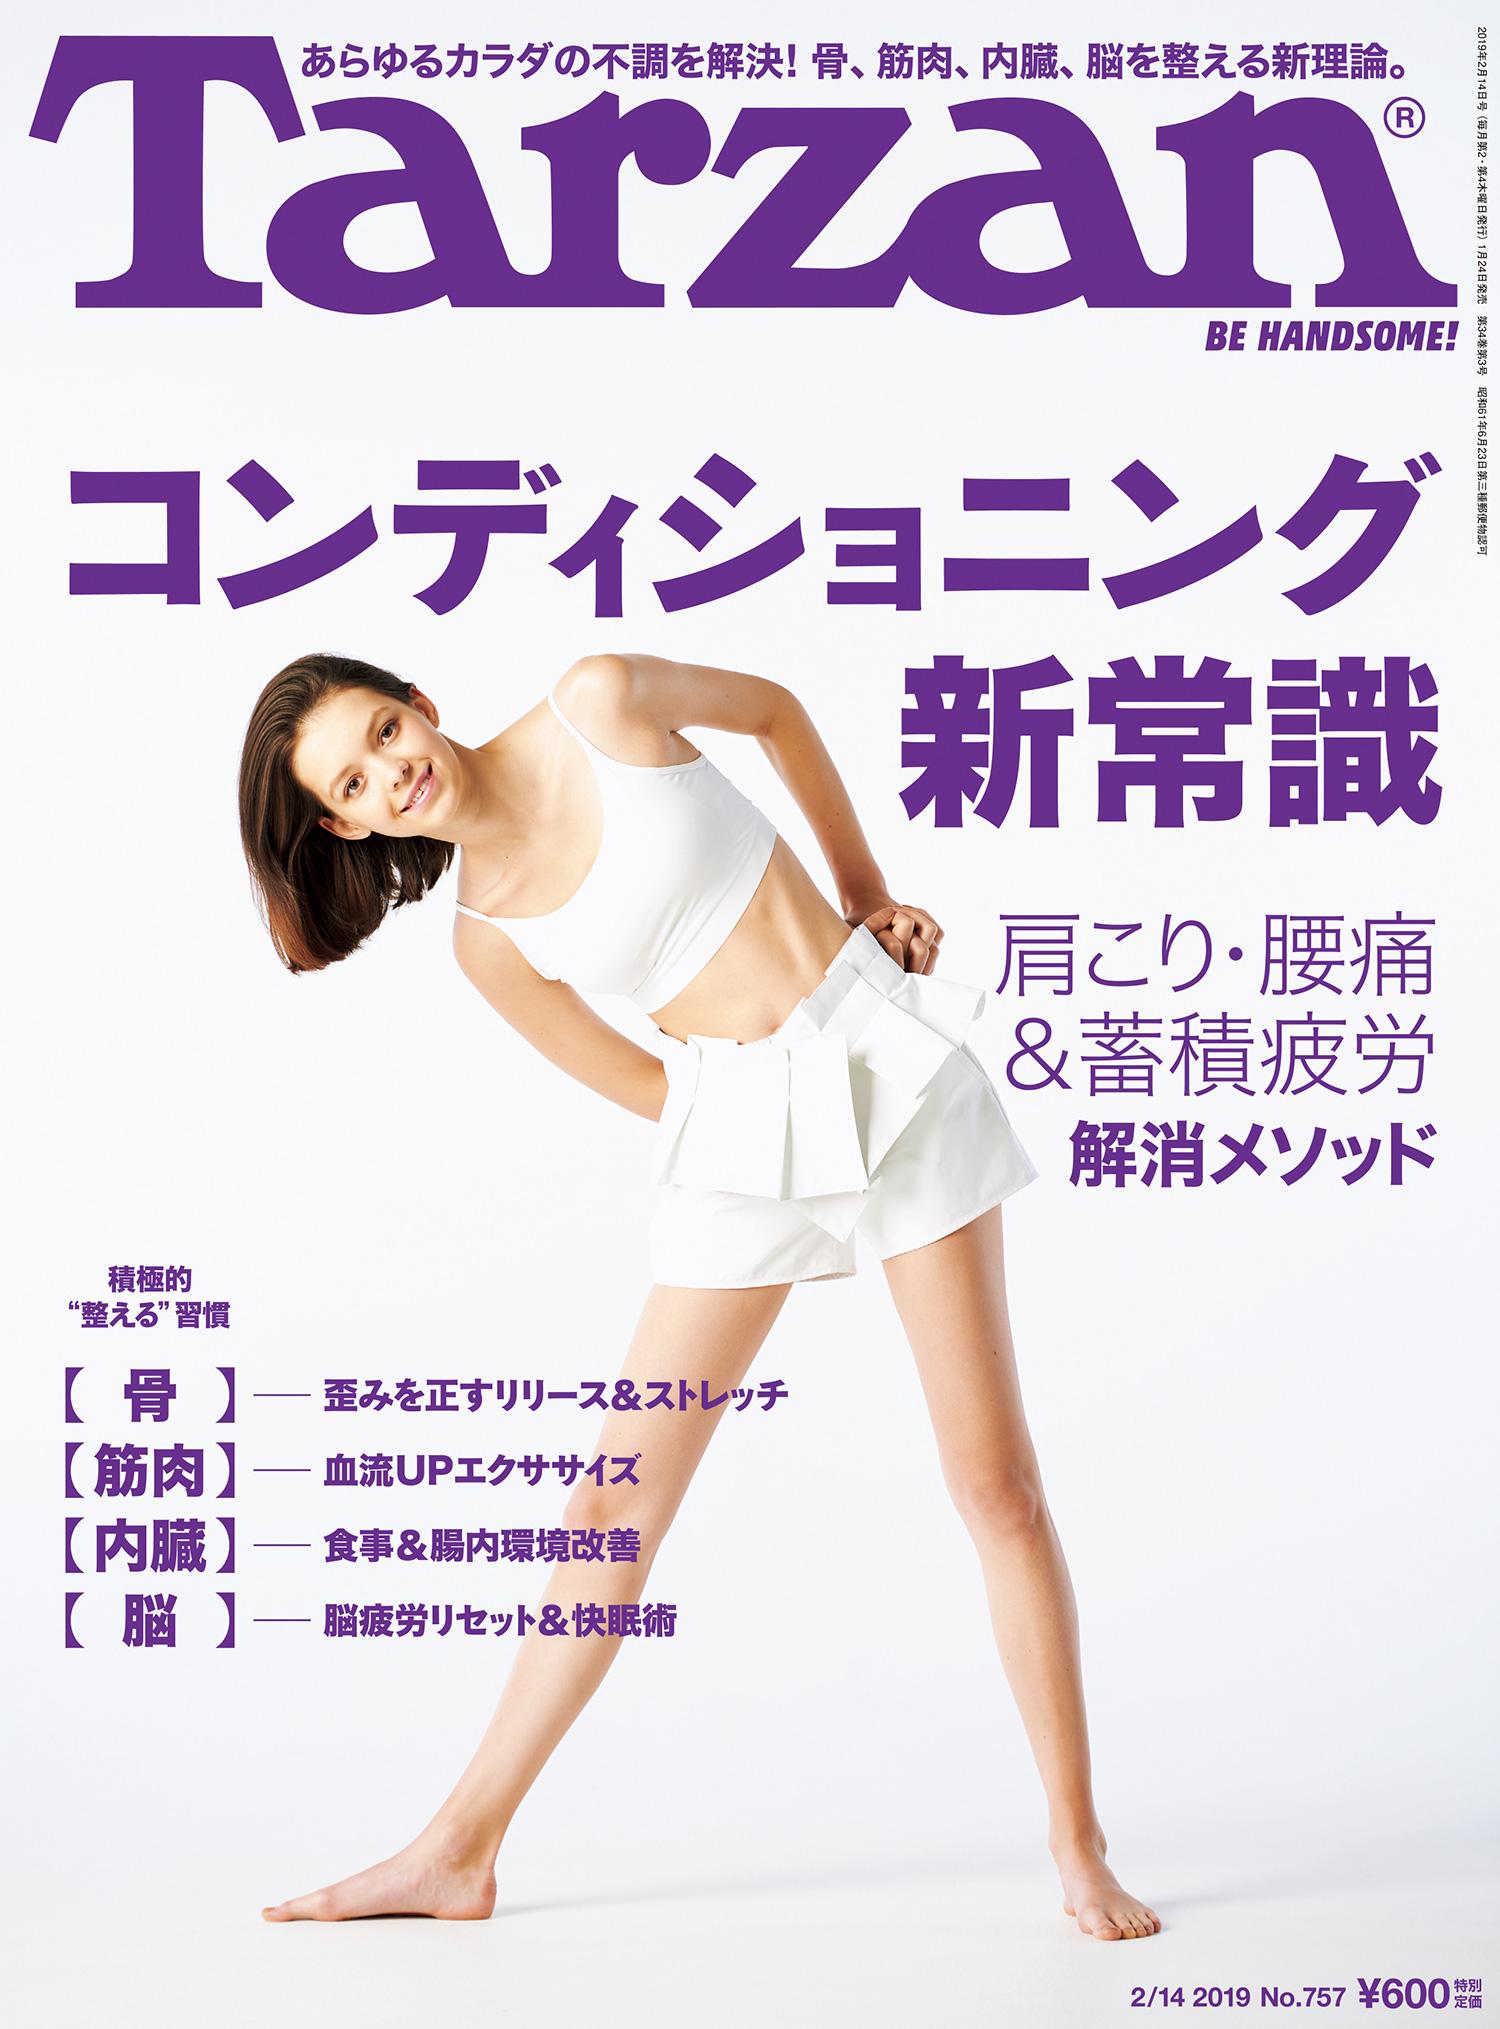 特集は「コンディショニング新常識」。1月24日(木)発売の雑誌『Tarzan』(No.757)